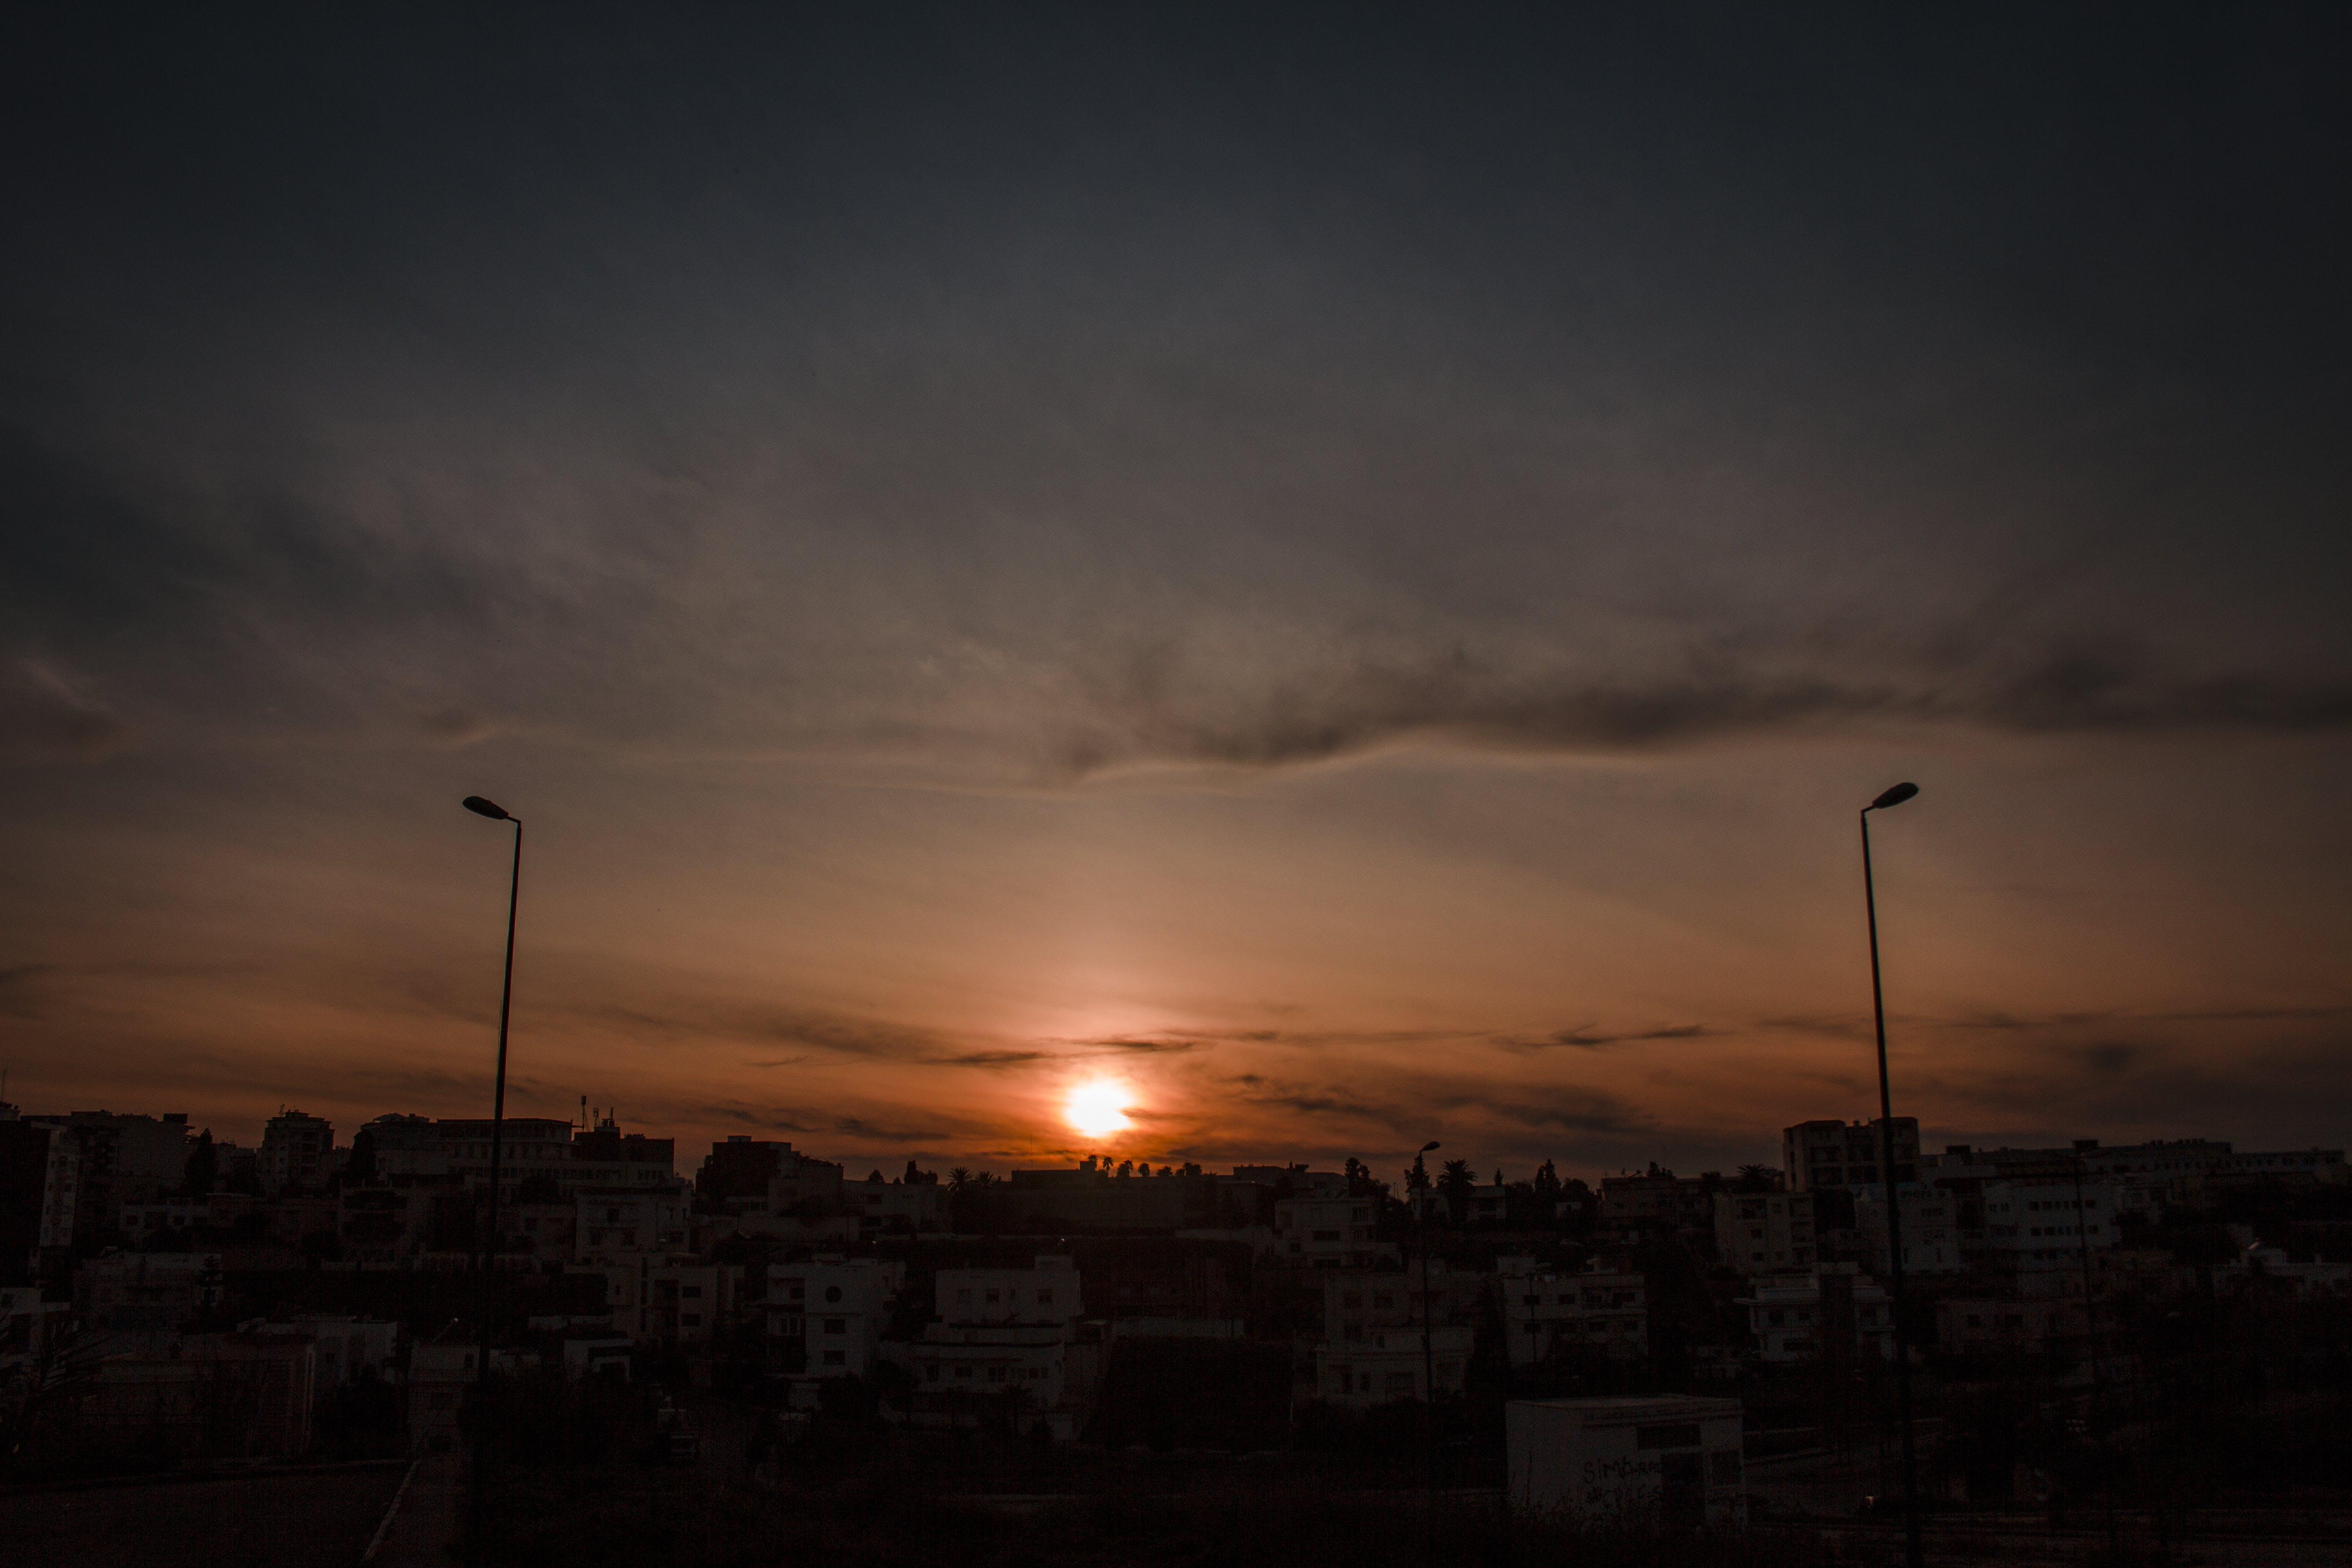 africké etnikum, atmosférický večer, dramatická obloha